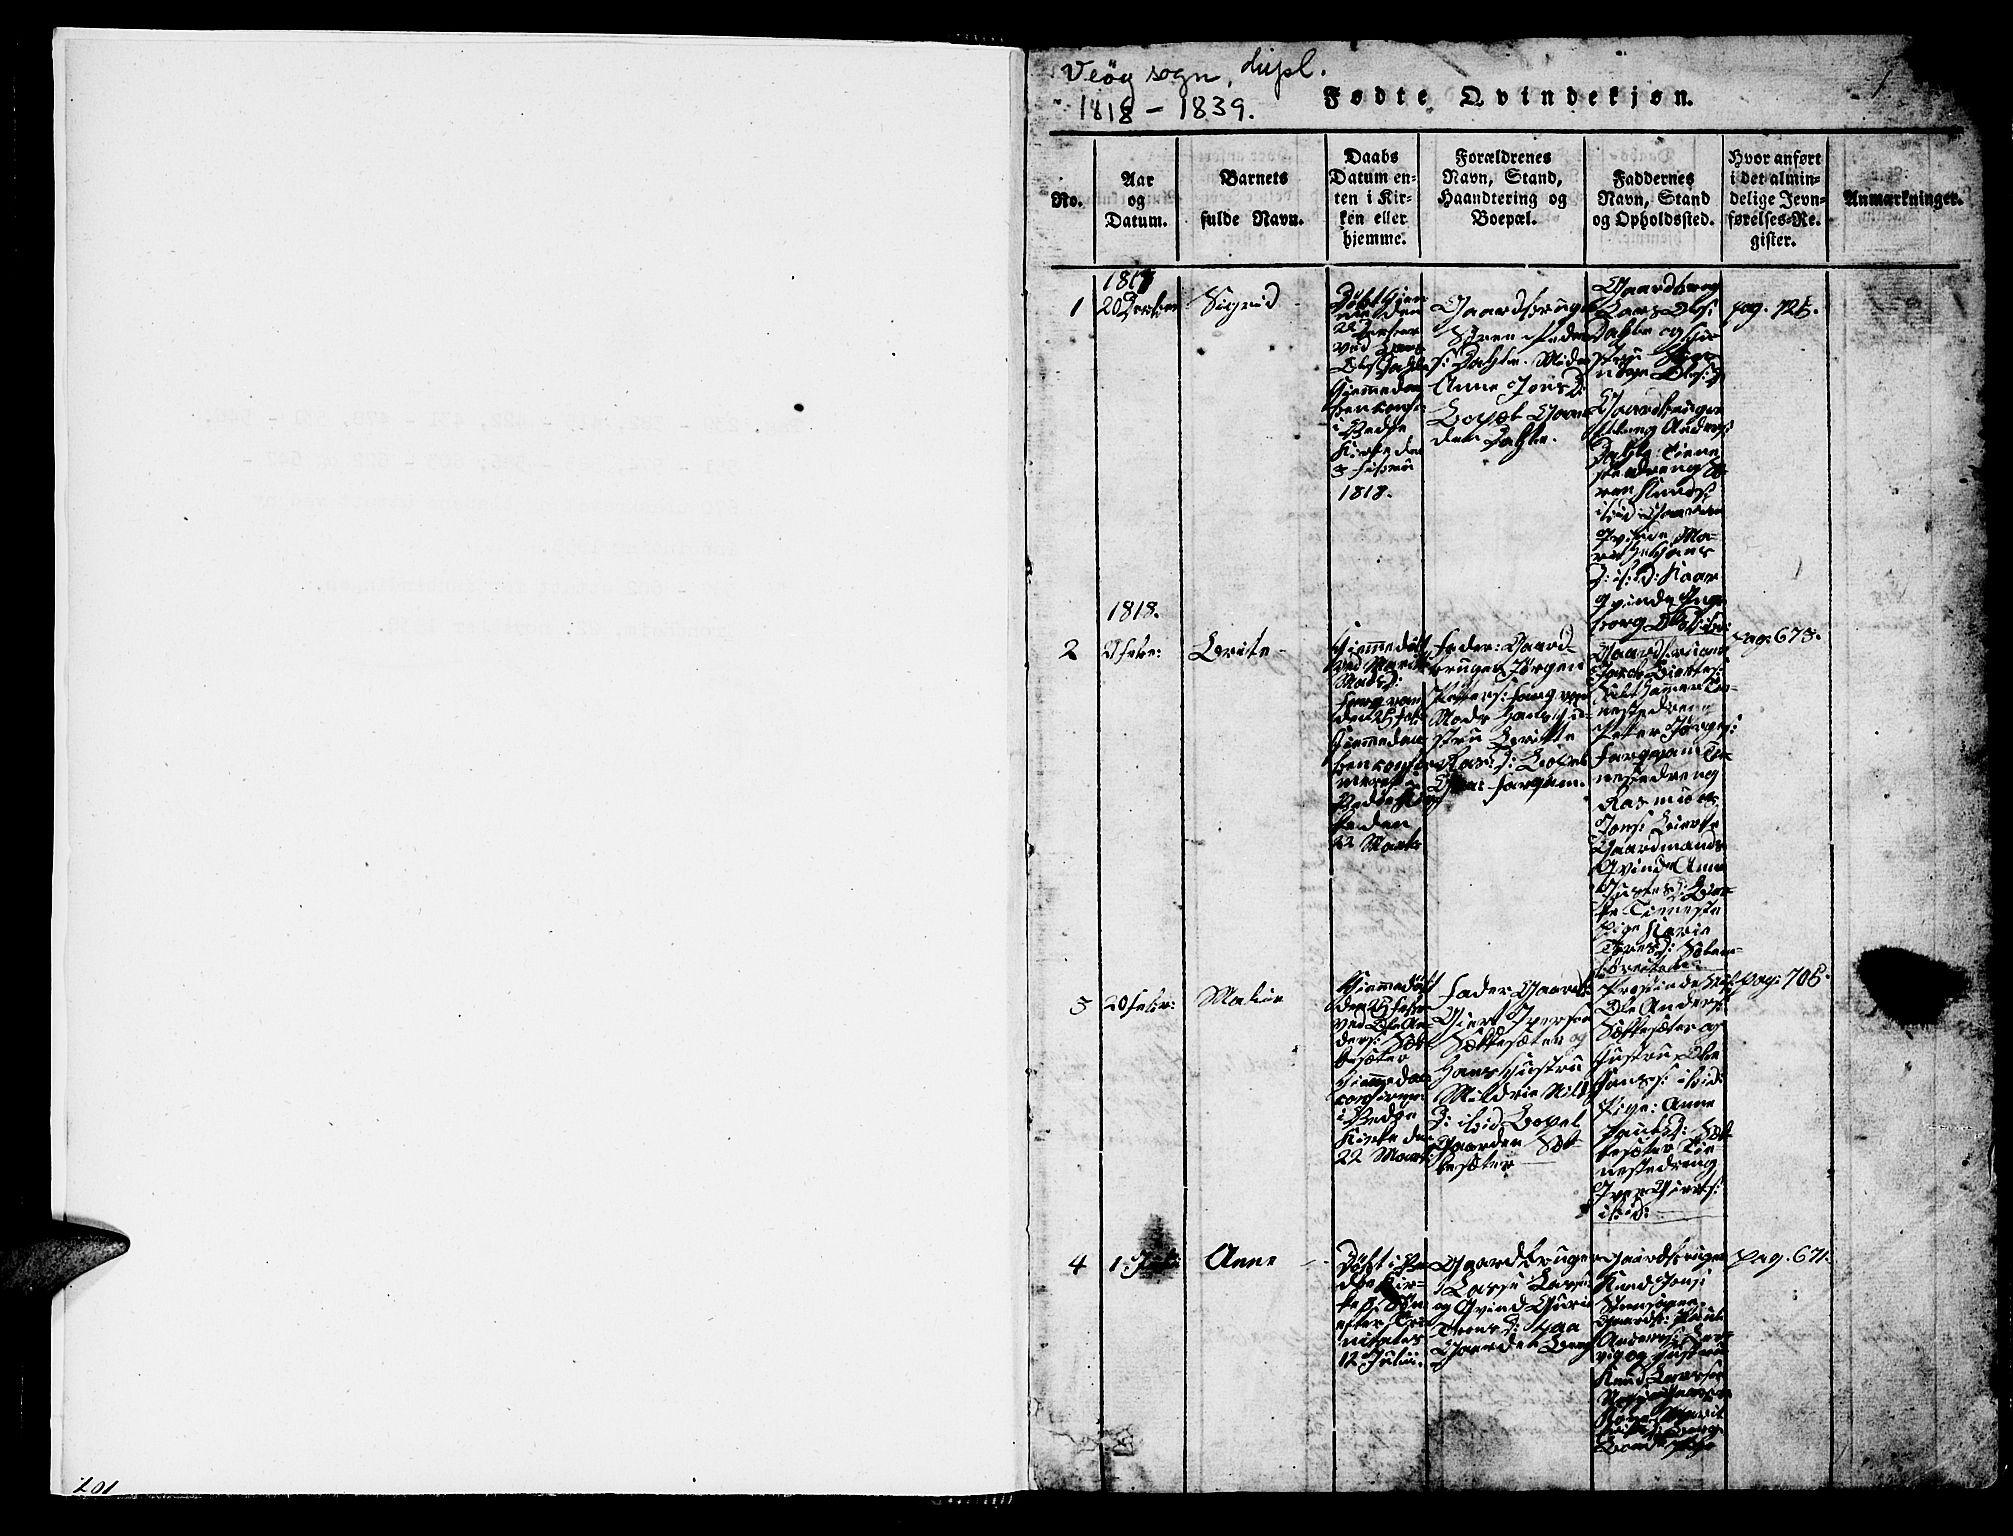 SAT, Ministerialprotokoller, klokkerbøker og fødselsregistre - Møre og Romsdal, 547/L0610: Klokkerbok nr. 547C01, 1818-1839, s. 1